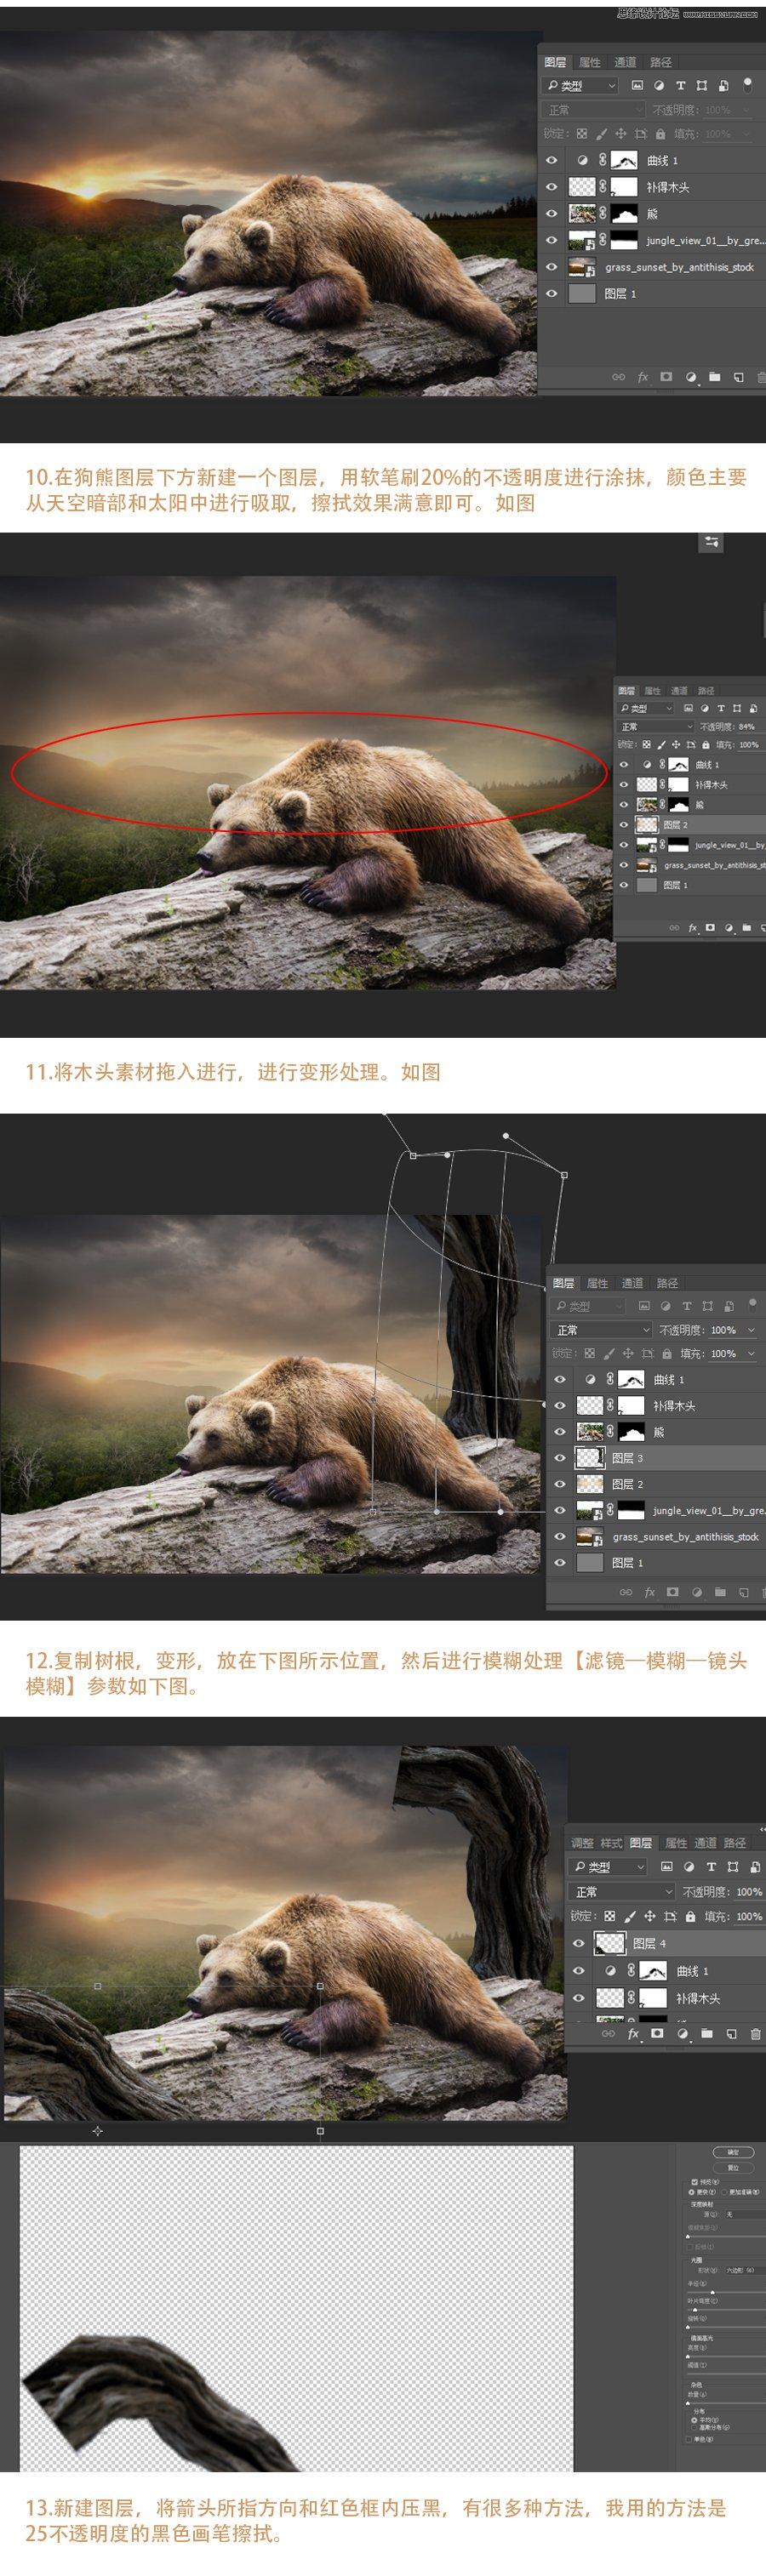 Photoshop合成森林中騎在熊上的小男孩